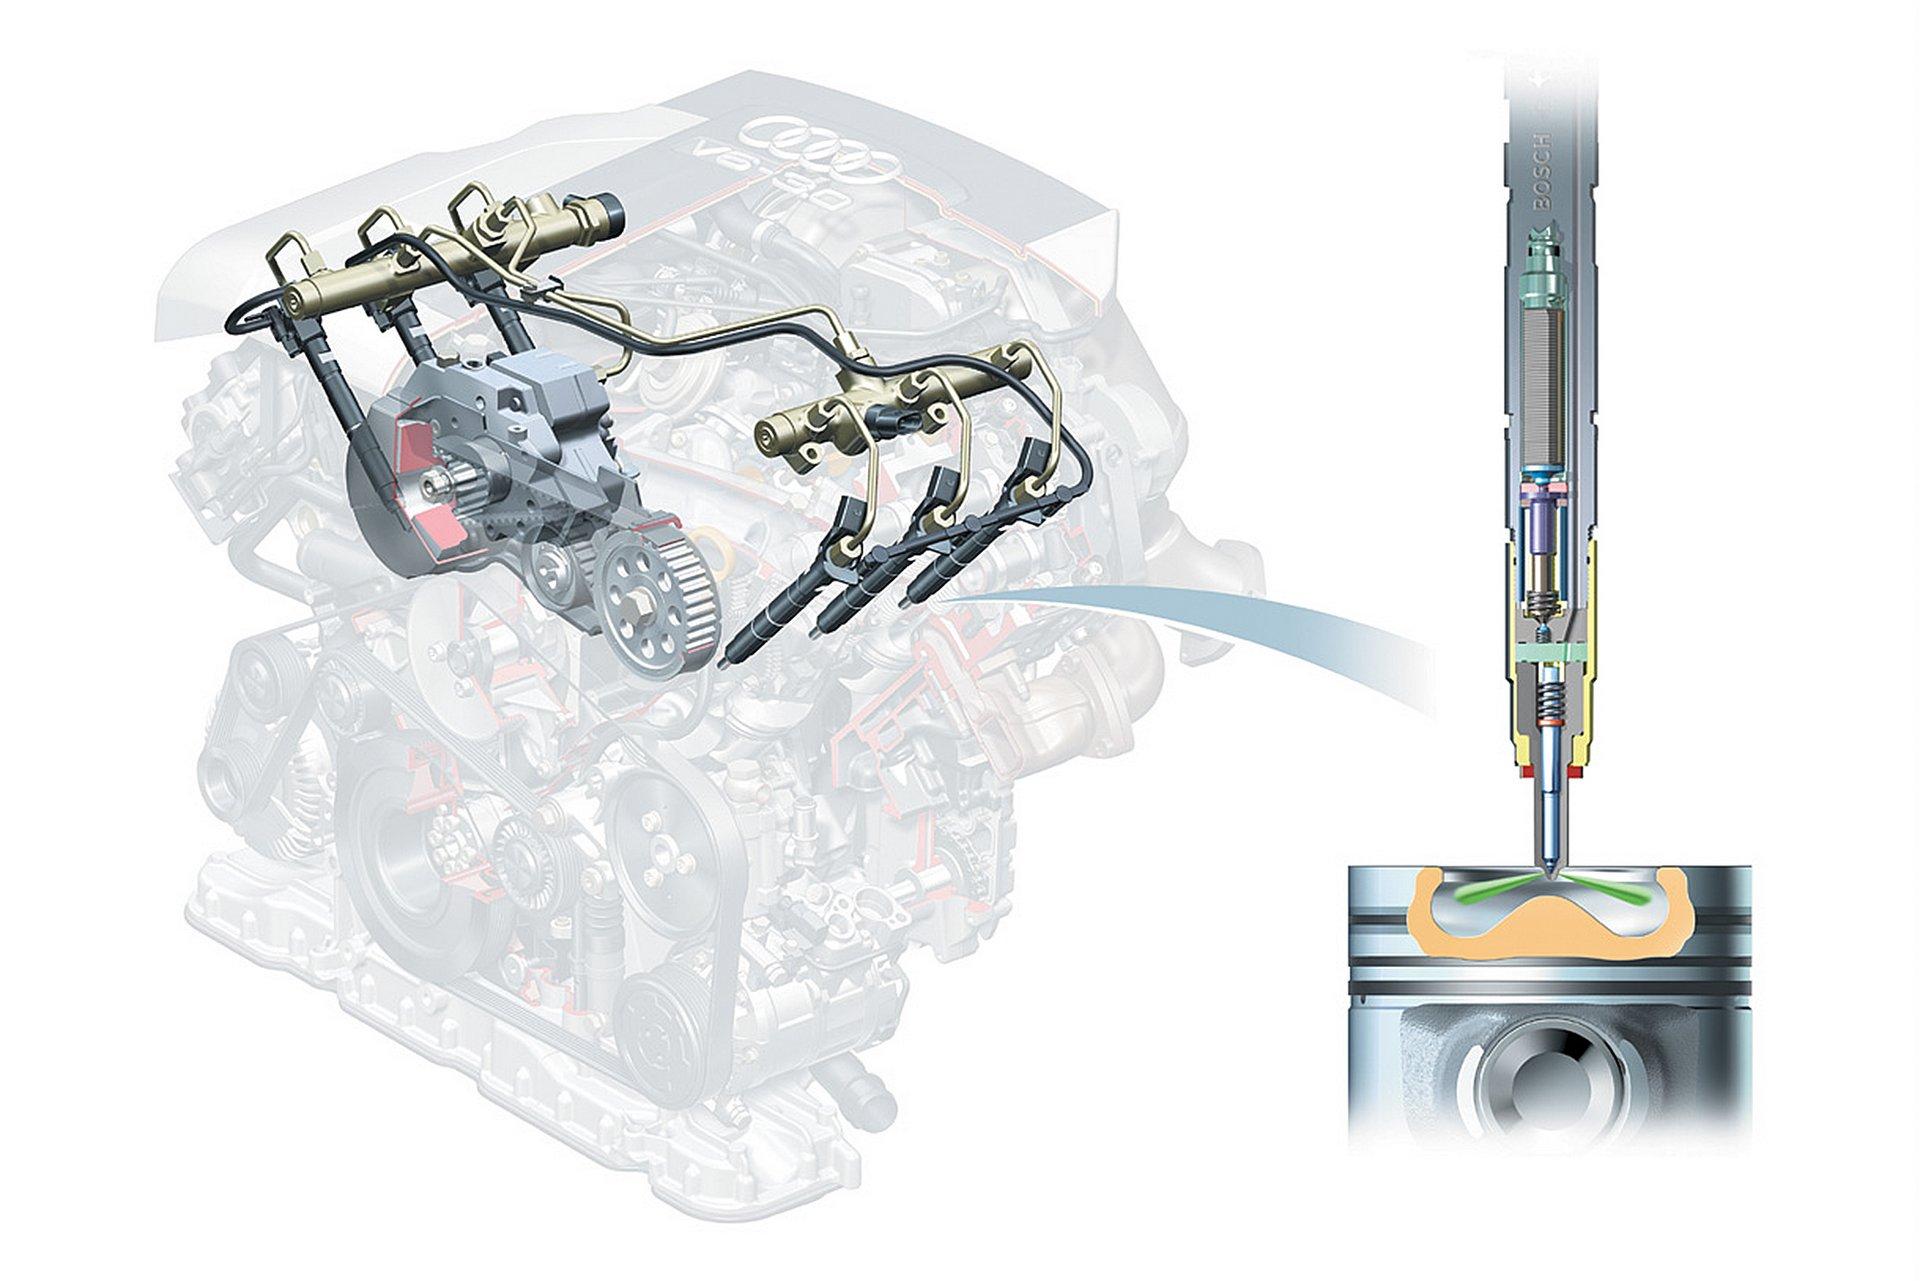 Проверка системы впрыска дизельного двигателя на Ford Mondeo III